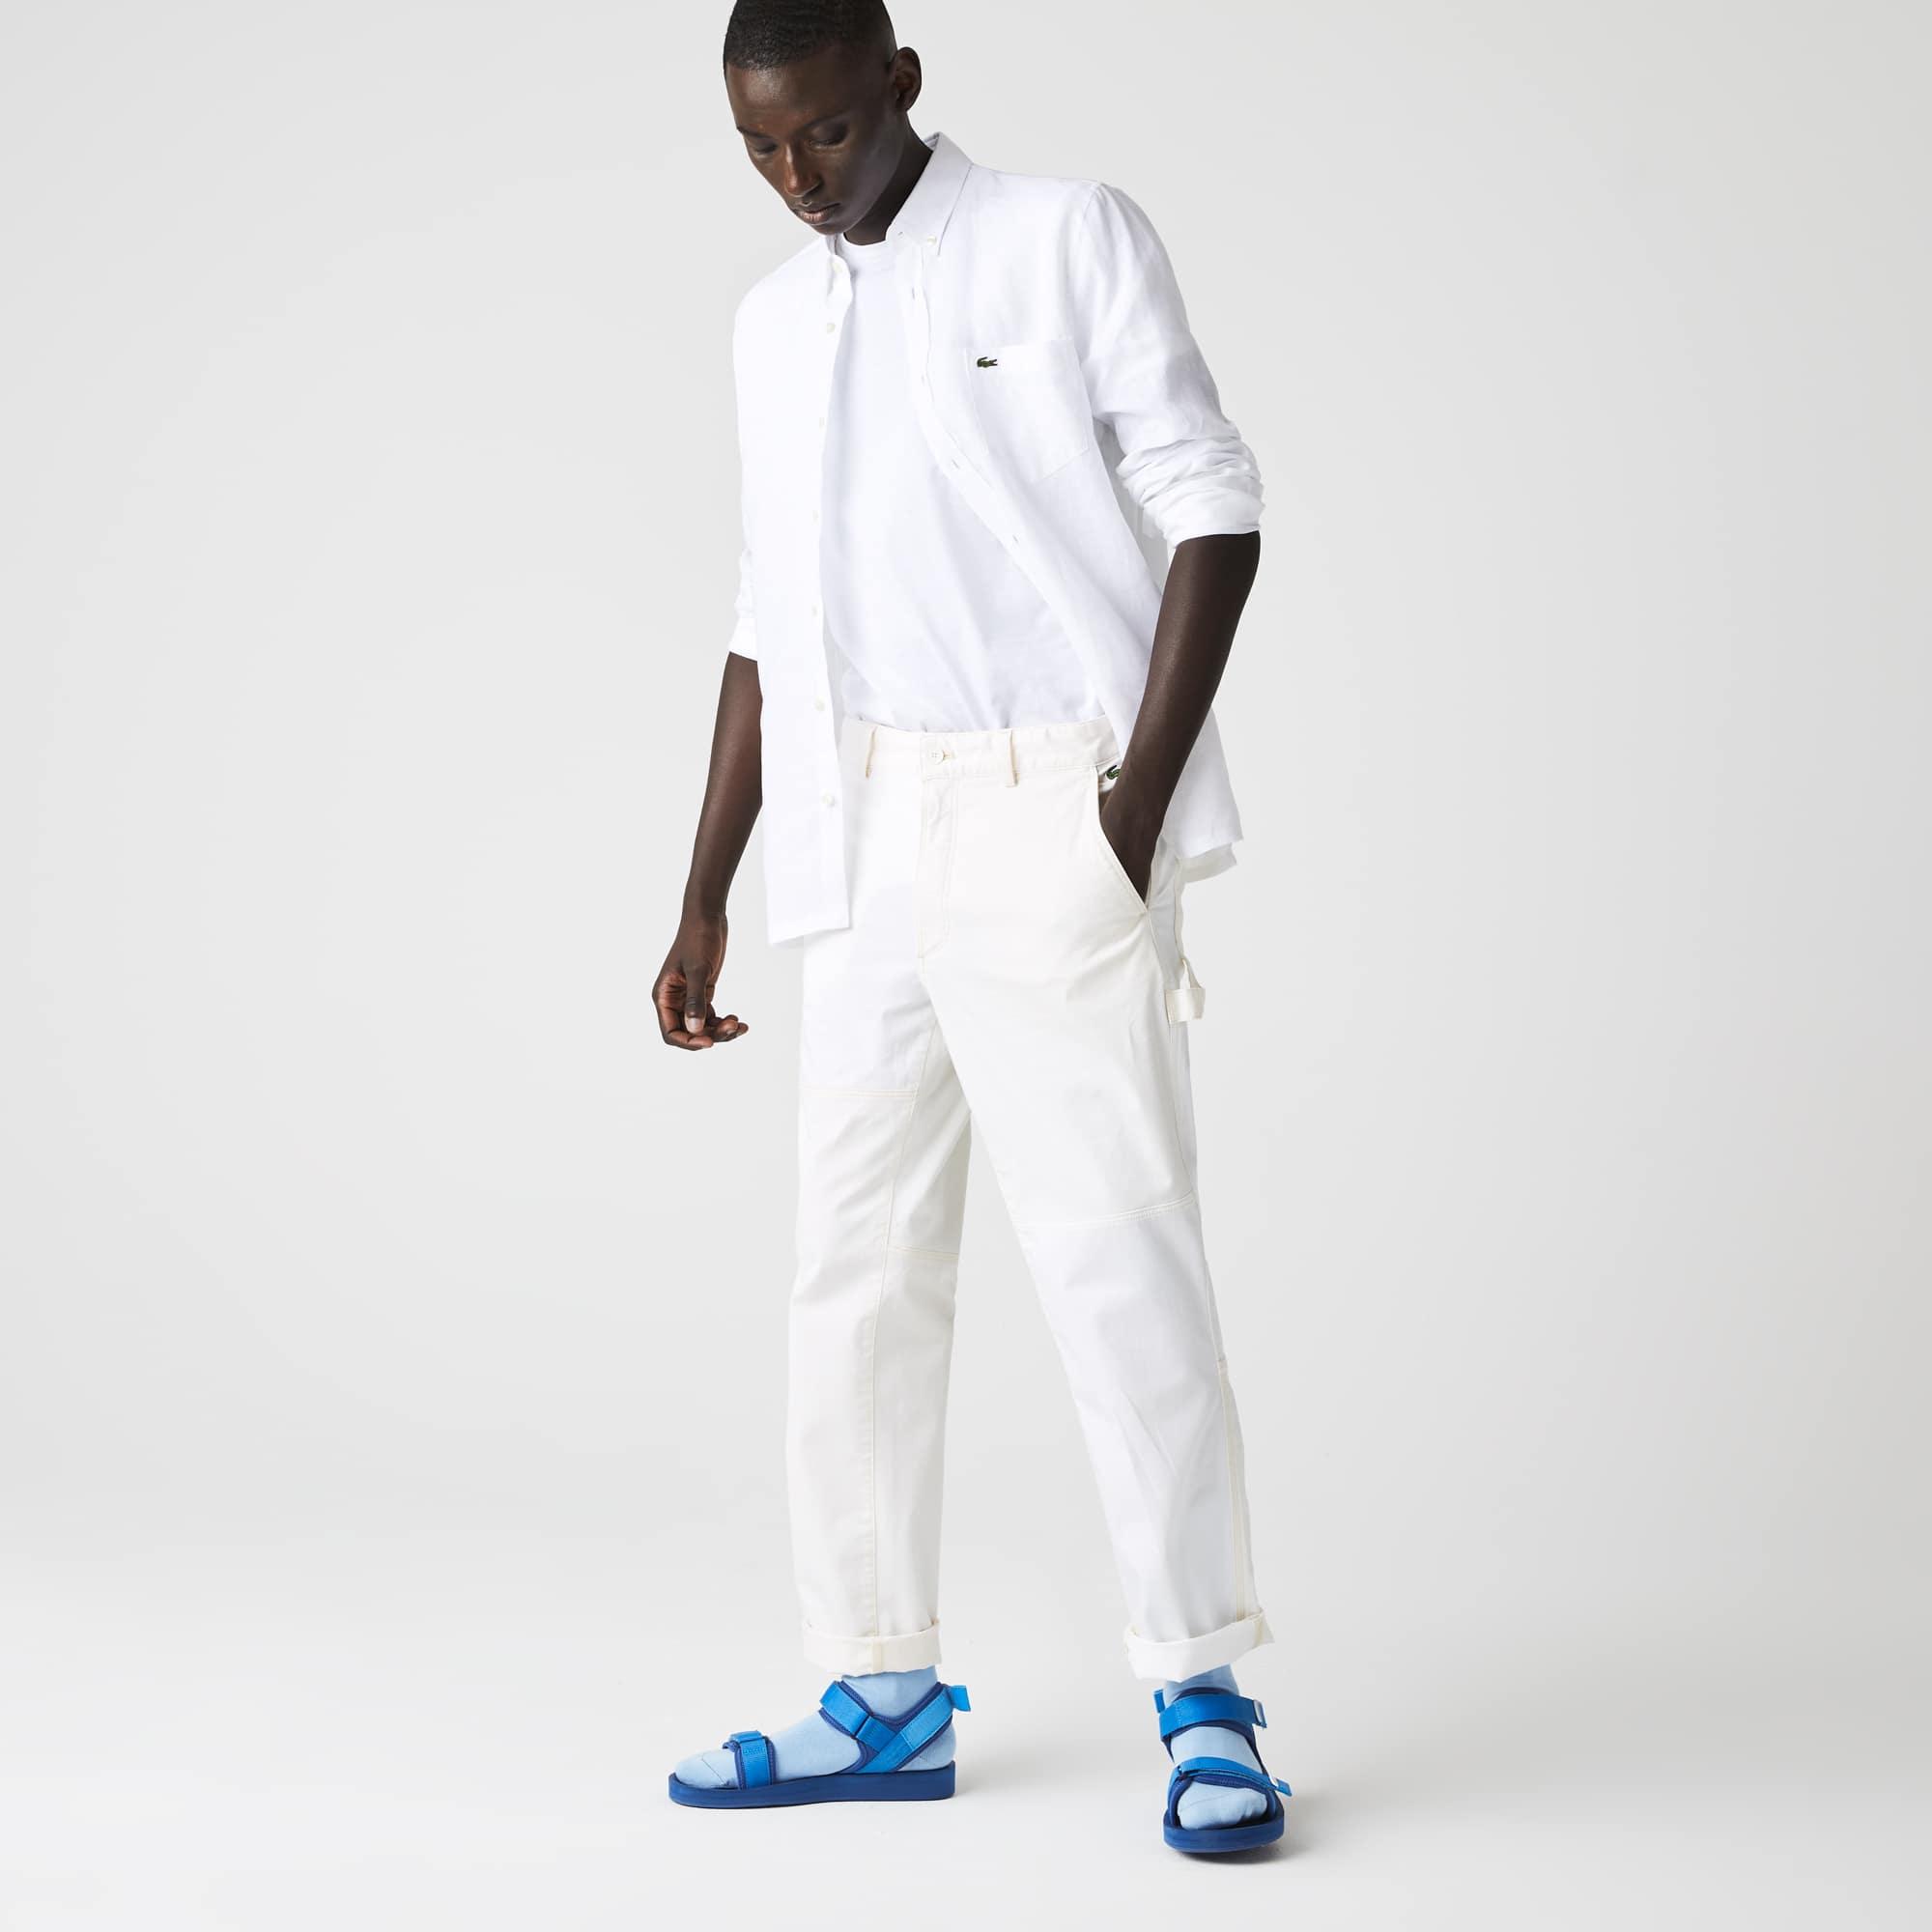 7affeb54d ملابس LACOSTE للرجال | ملابس للرجال | LACOSTE